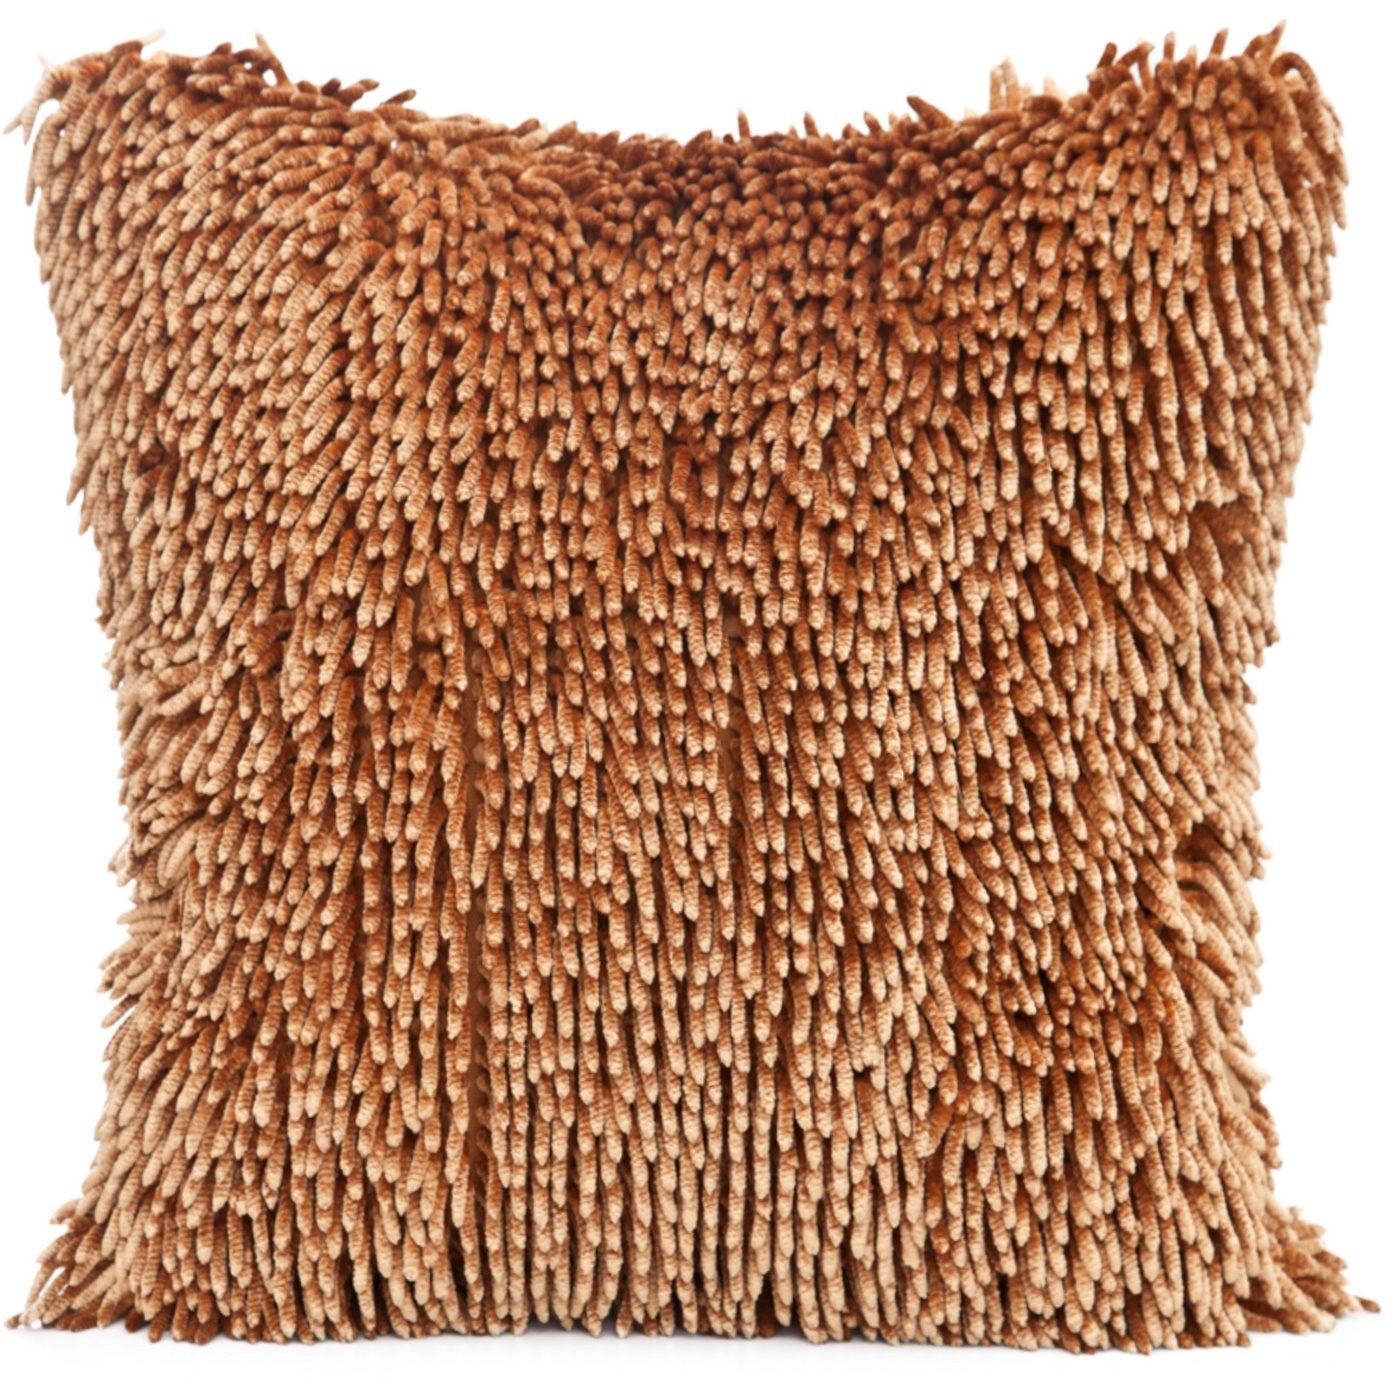 Poszewka na poduszkę włosie shaggy w kolorze miodowym 40 x 40 cm